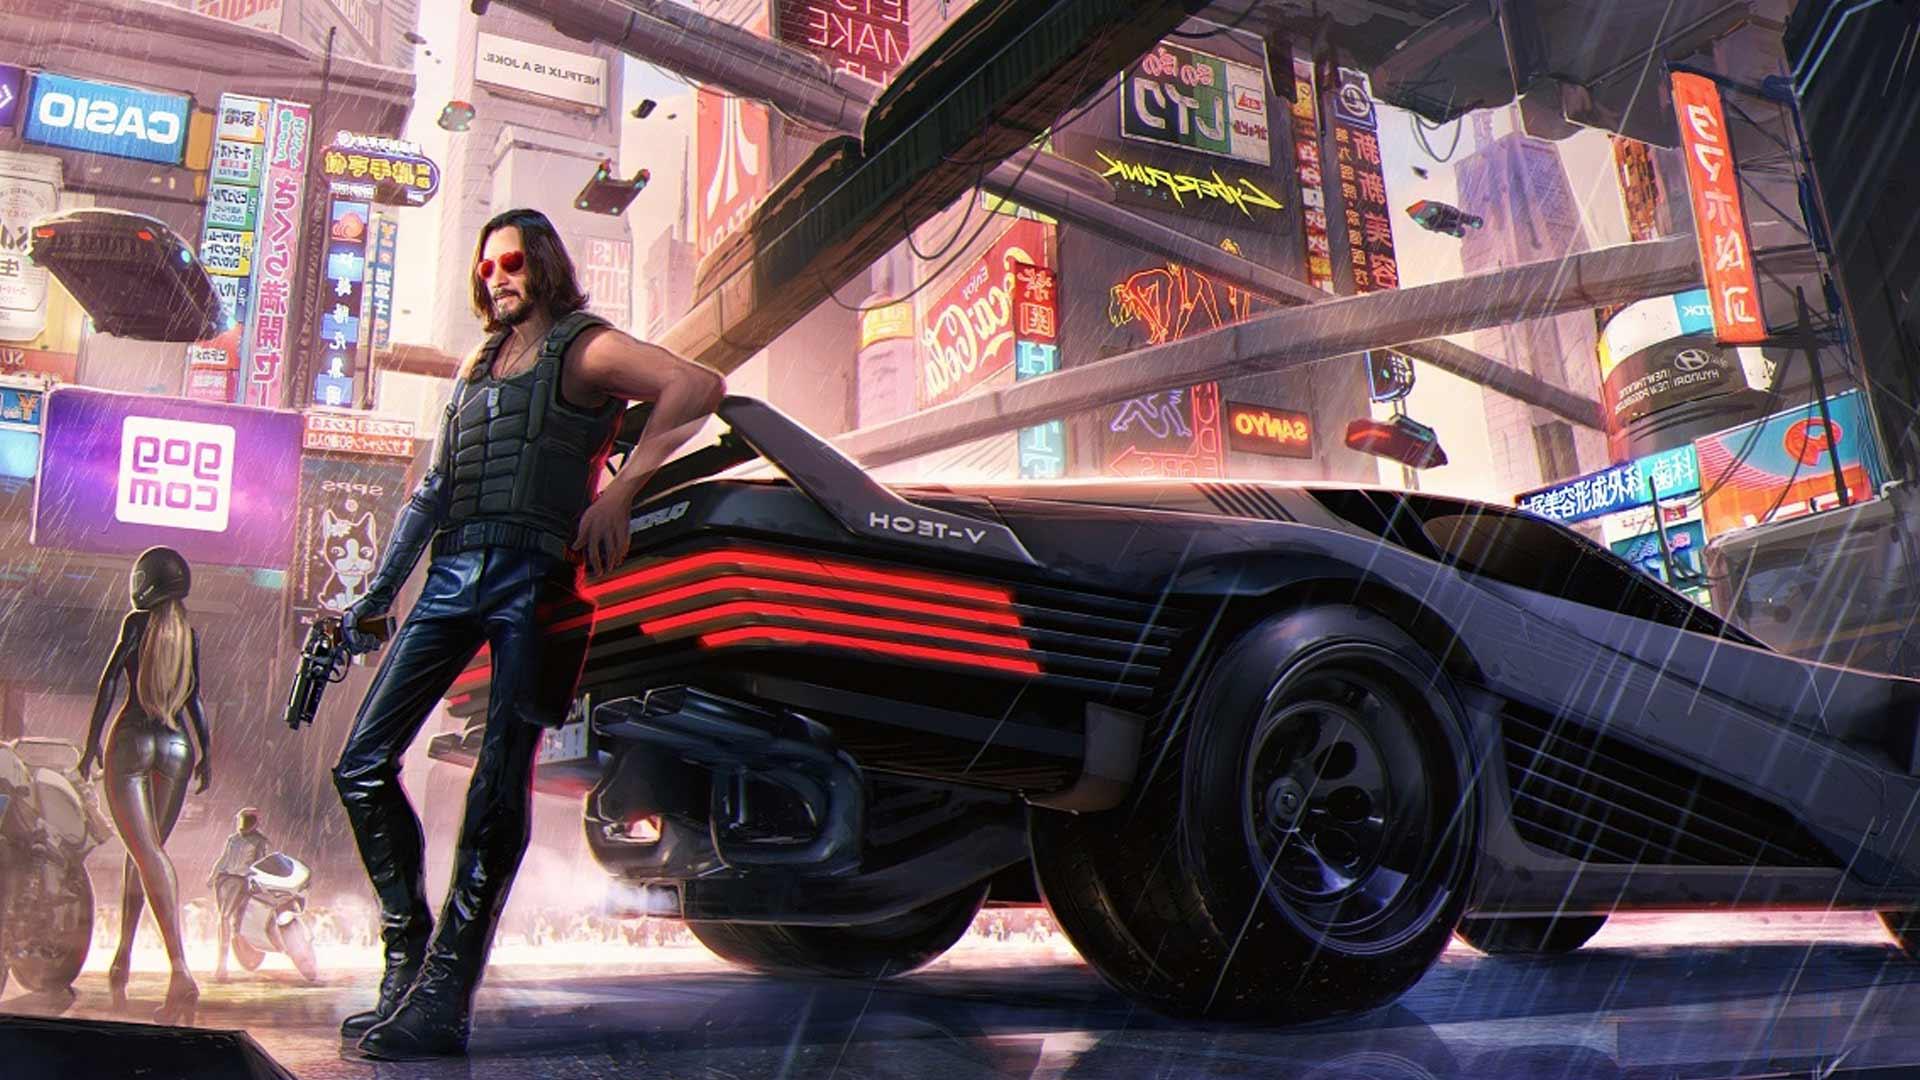 Кто такой персонаж Киану Рива Киберпанк 2077, Джонни Сильверхэнд?